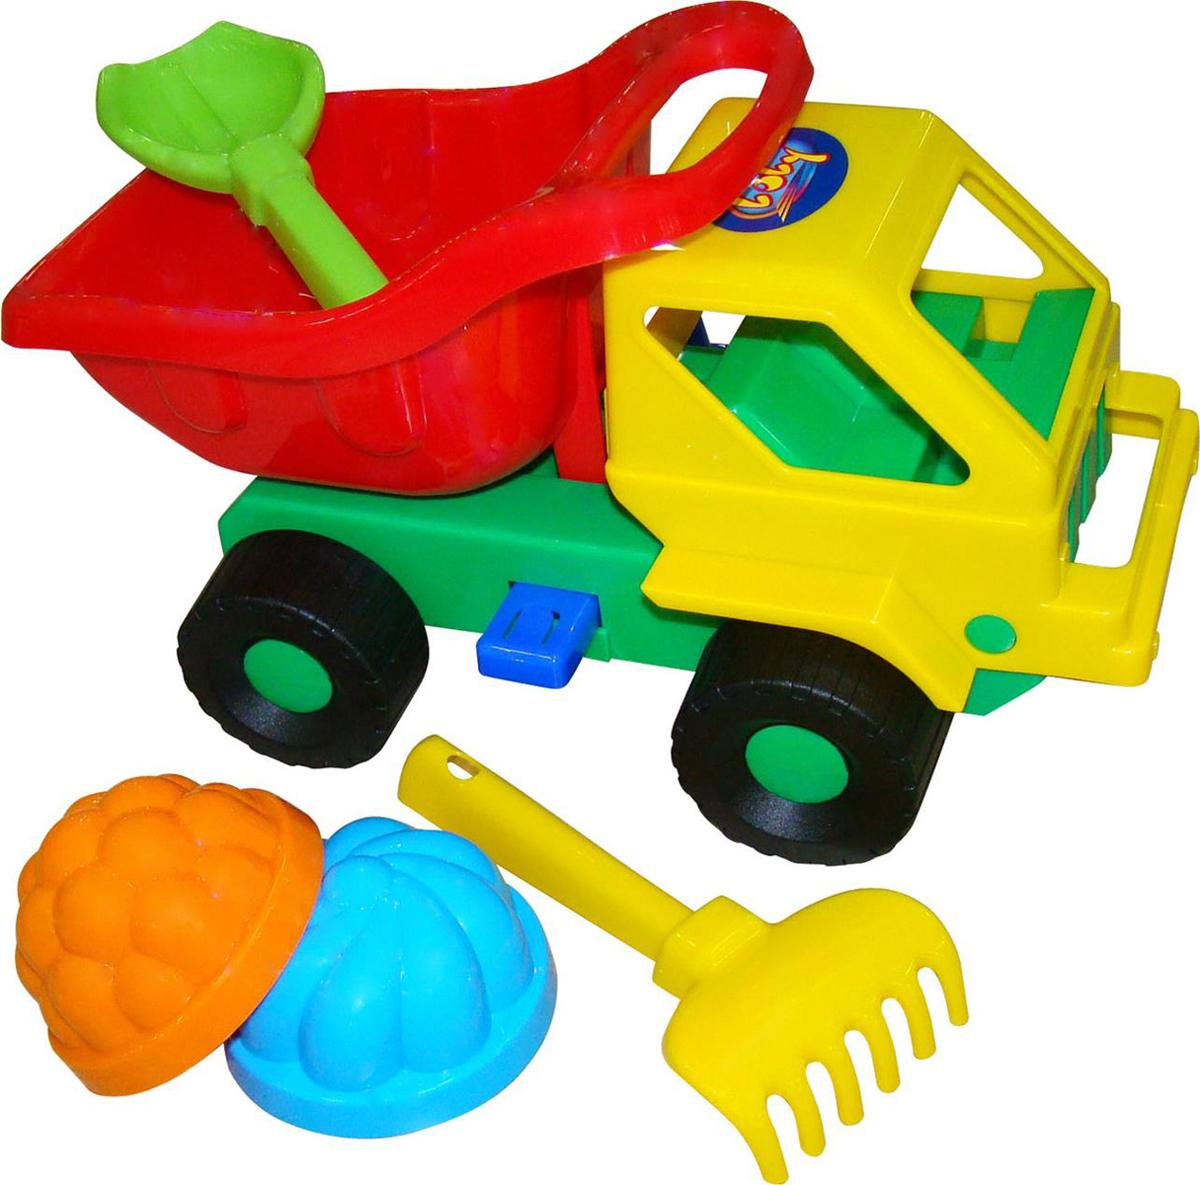 Полесье Набор игрушек для песочницы №48 Кузя-2, цвет в ассортименте полесье набор игрушек для песочницы 467 цвет в ассортименте